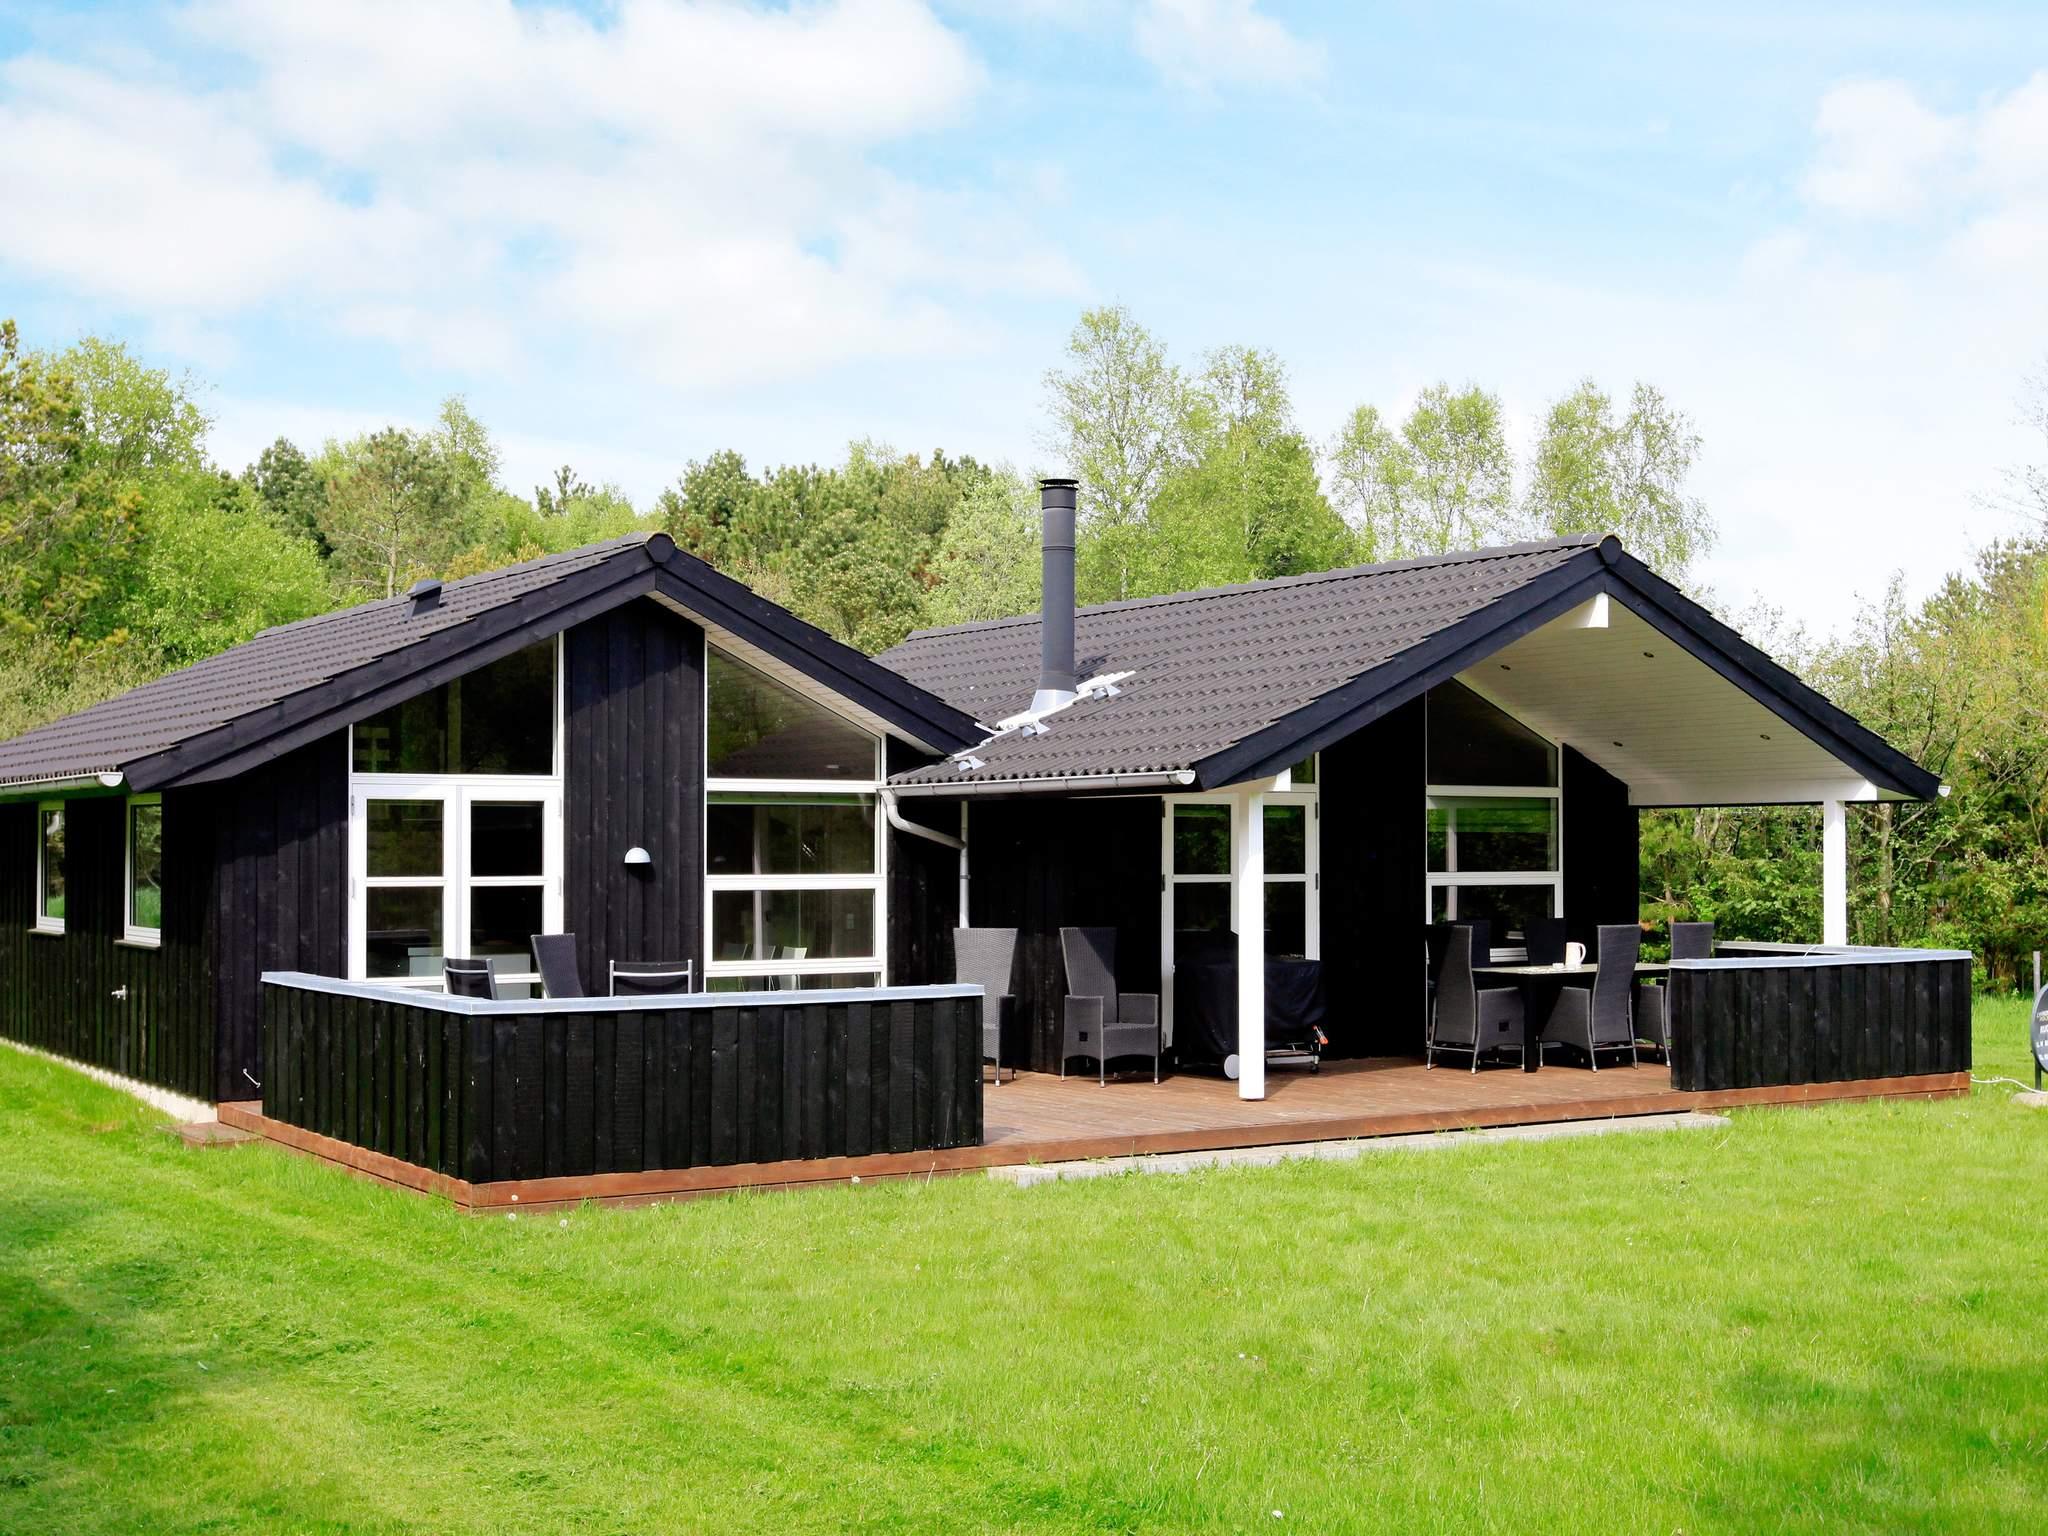 Ferienhaus Lodskovvad (466531), Lodskovvad, , Nordostjütland, Dänemark, Bild 1